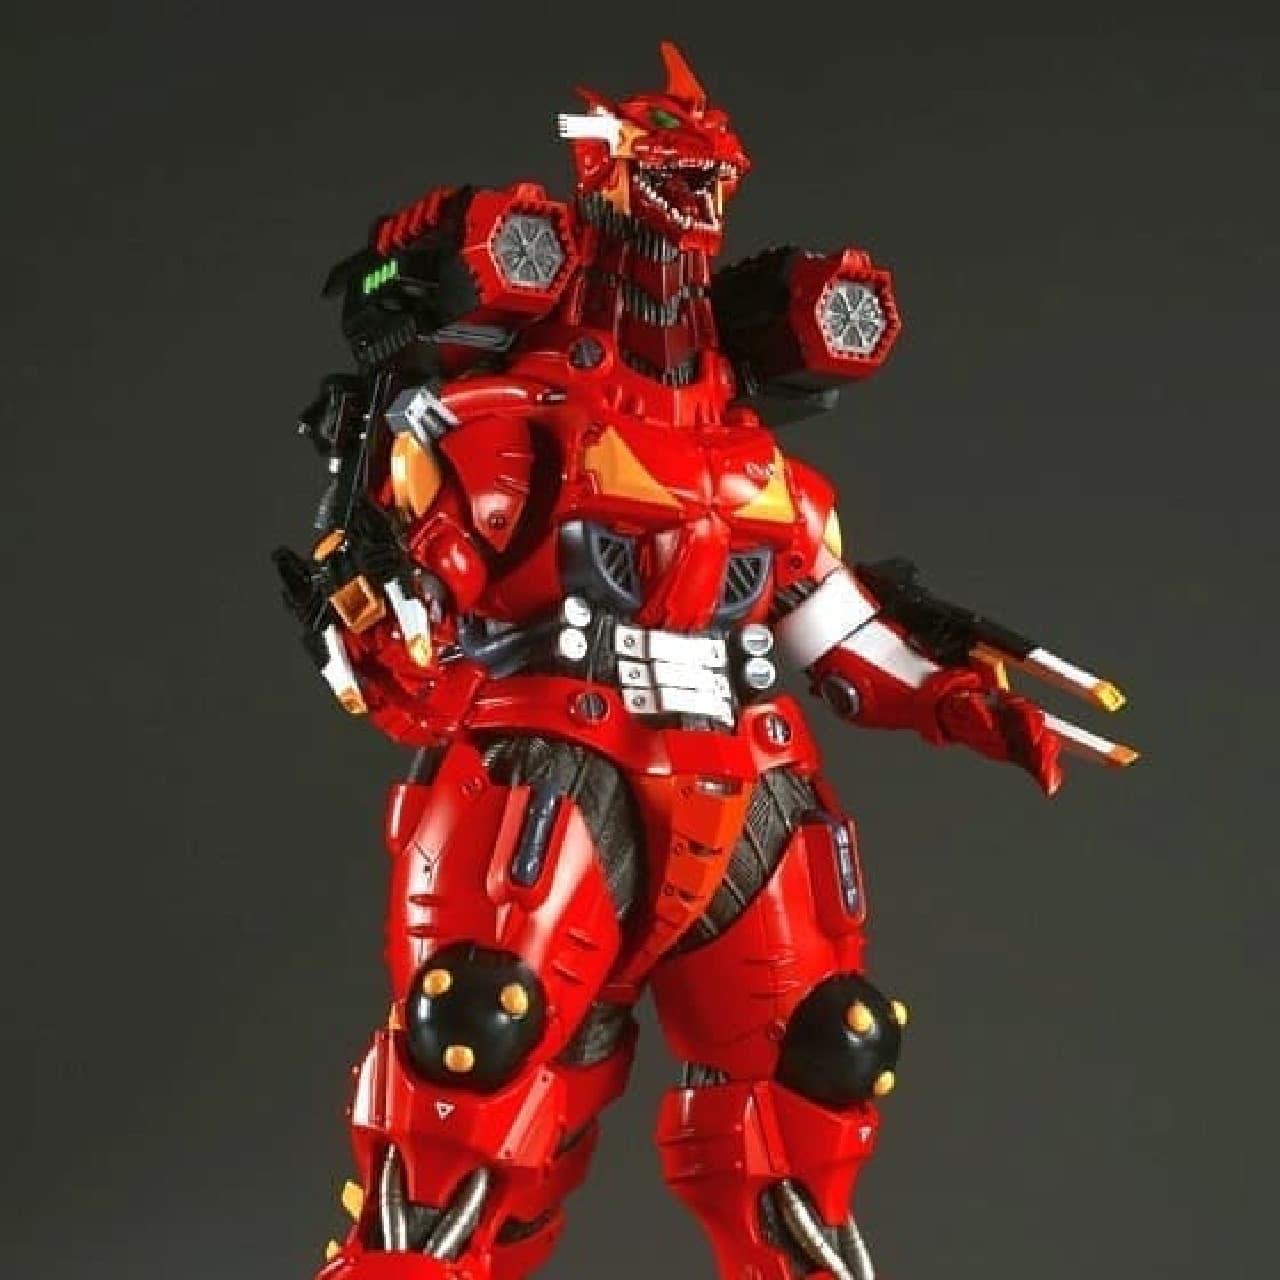 「ゴジラ対エヴァンゲリオン 東宝30cmシリーズ 3式機龍(2003版)重武装型 エヴァ2号機イメージカラー」